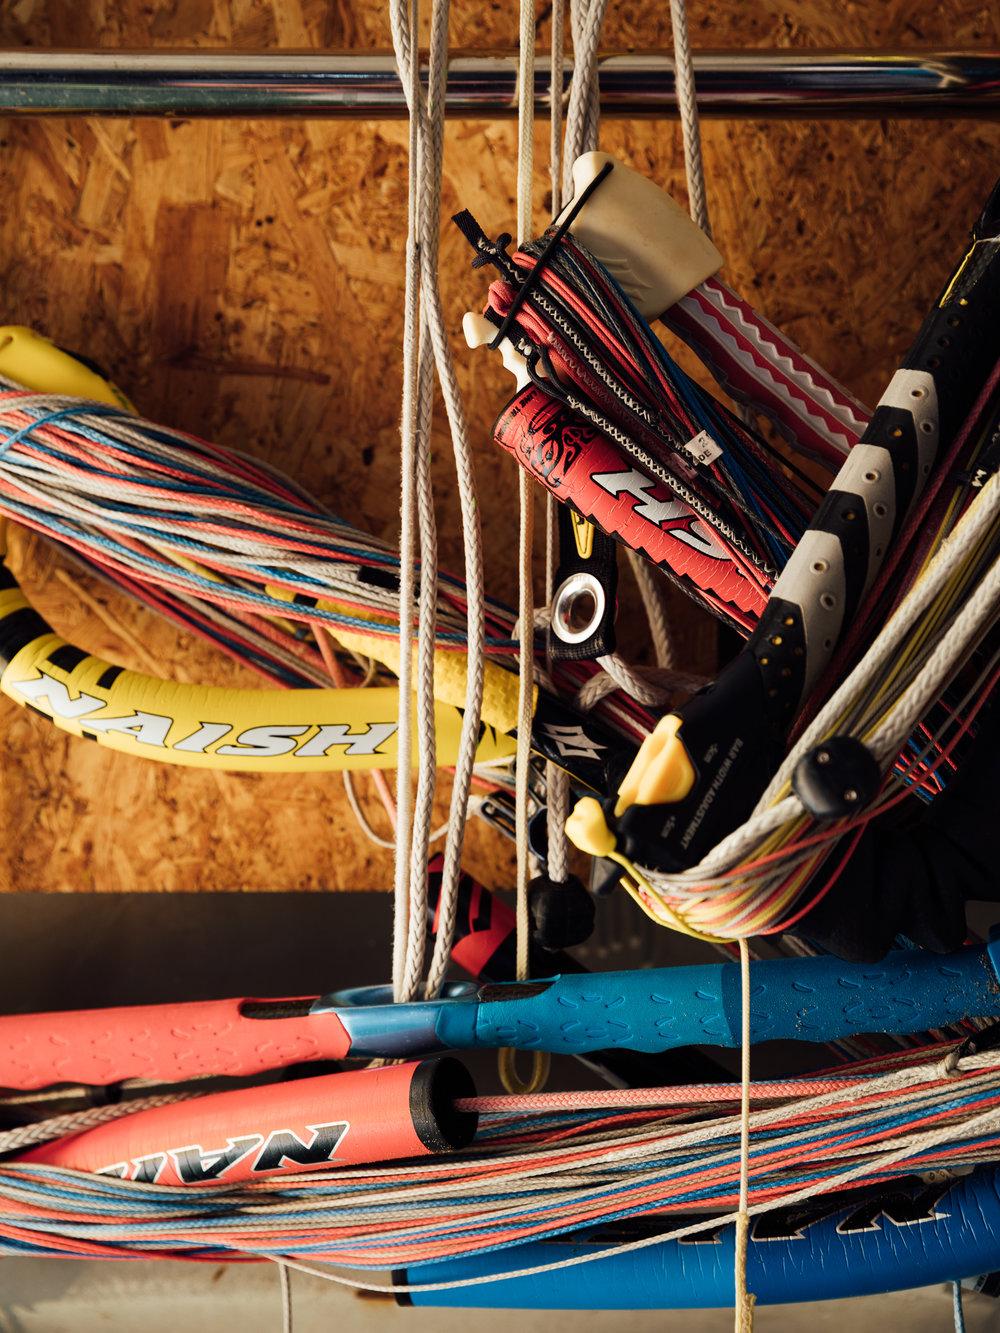 BenReadPhotography_TUI-Flyjournal-Kiteboarding-4.jpg